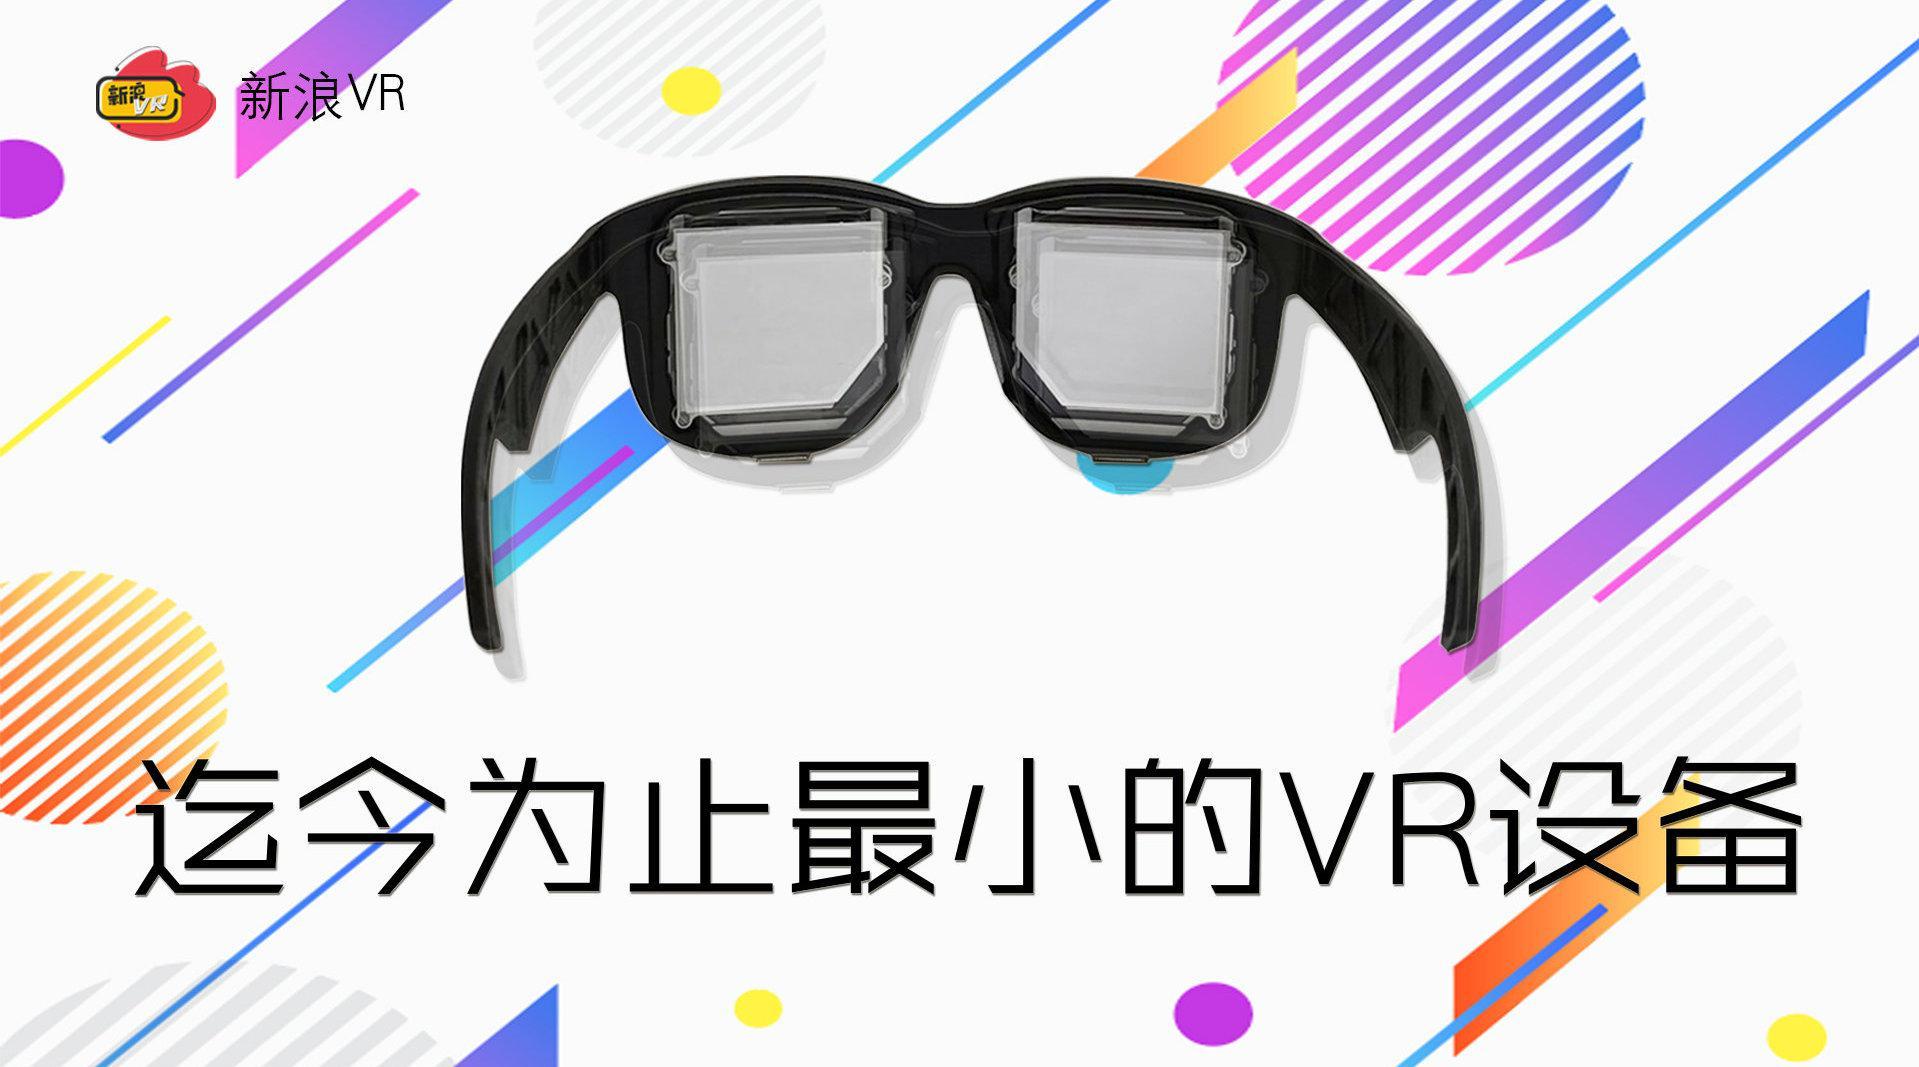 Facebook展示了最新设计的一款概念超薄VR眼镜……